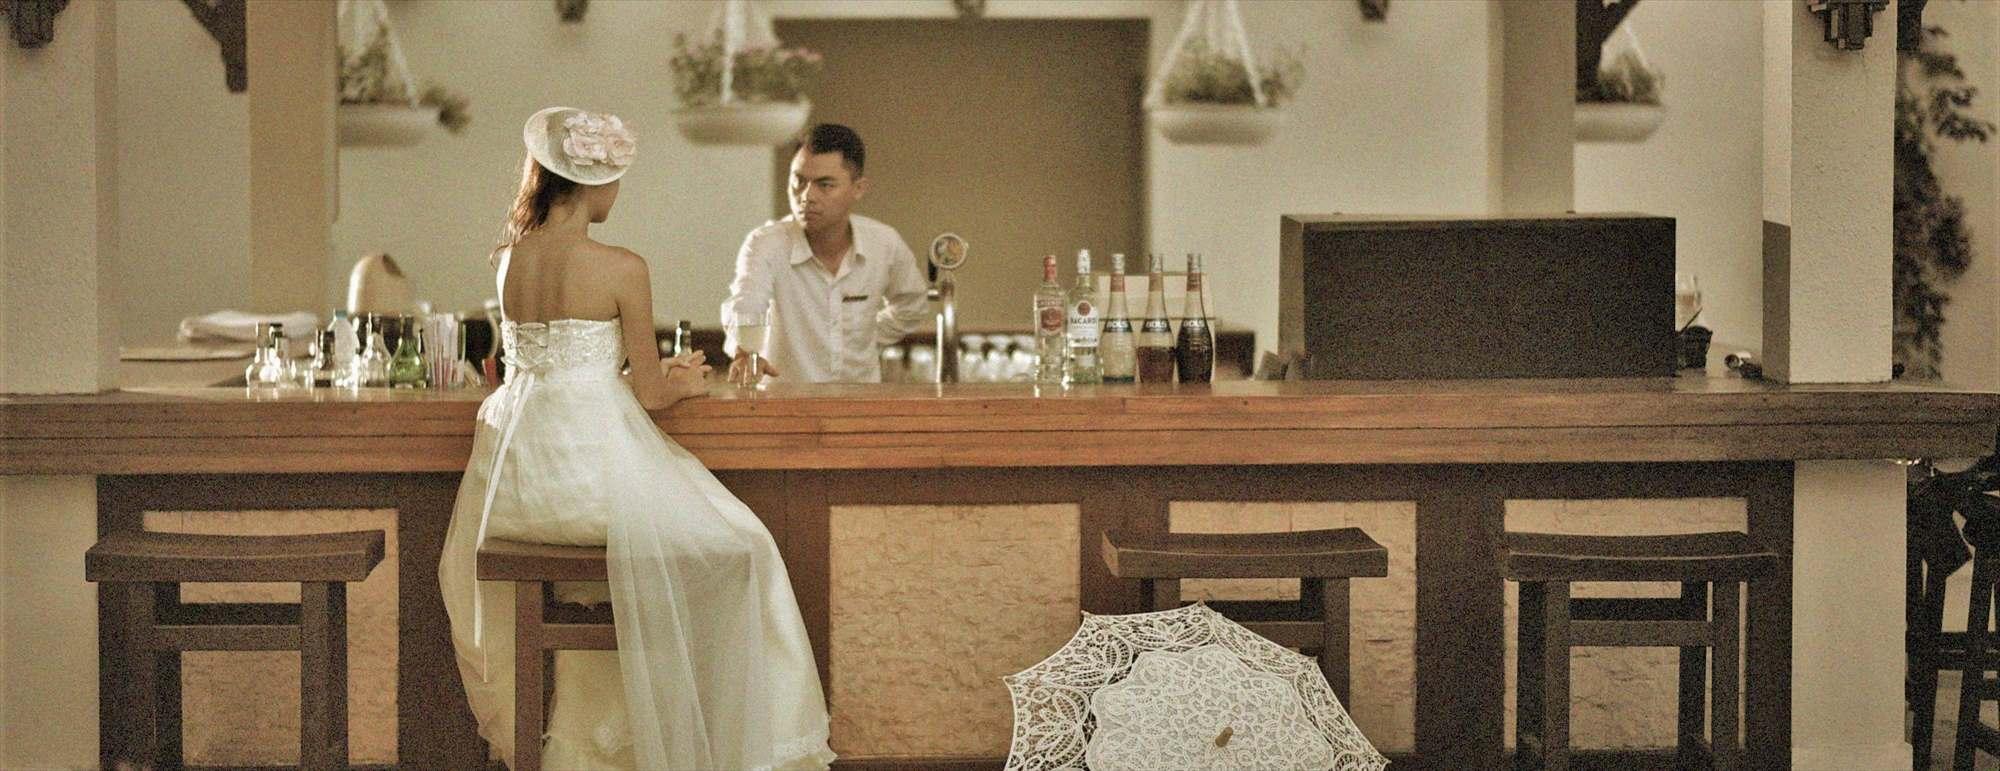 ベトナム・ダナン・リゾート・ウェディング<br /> Frama Resort Danang Wedding<br /> フラマ・リゾート・ダナン挙式